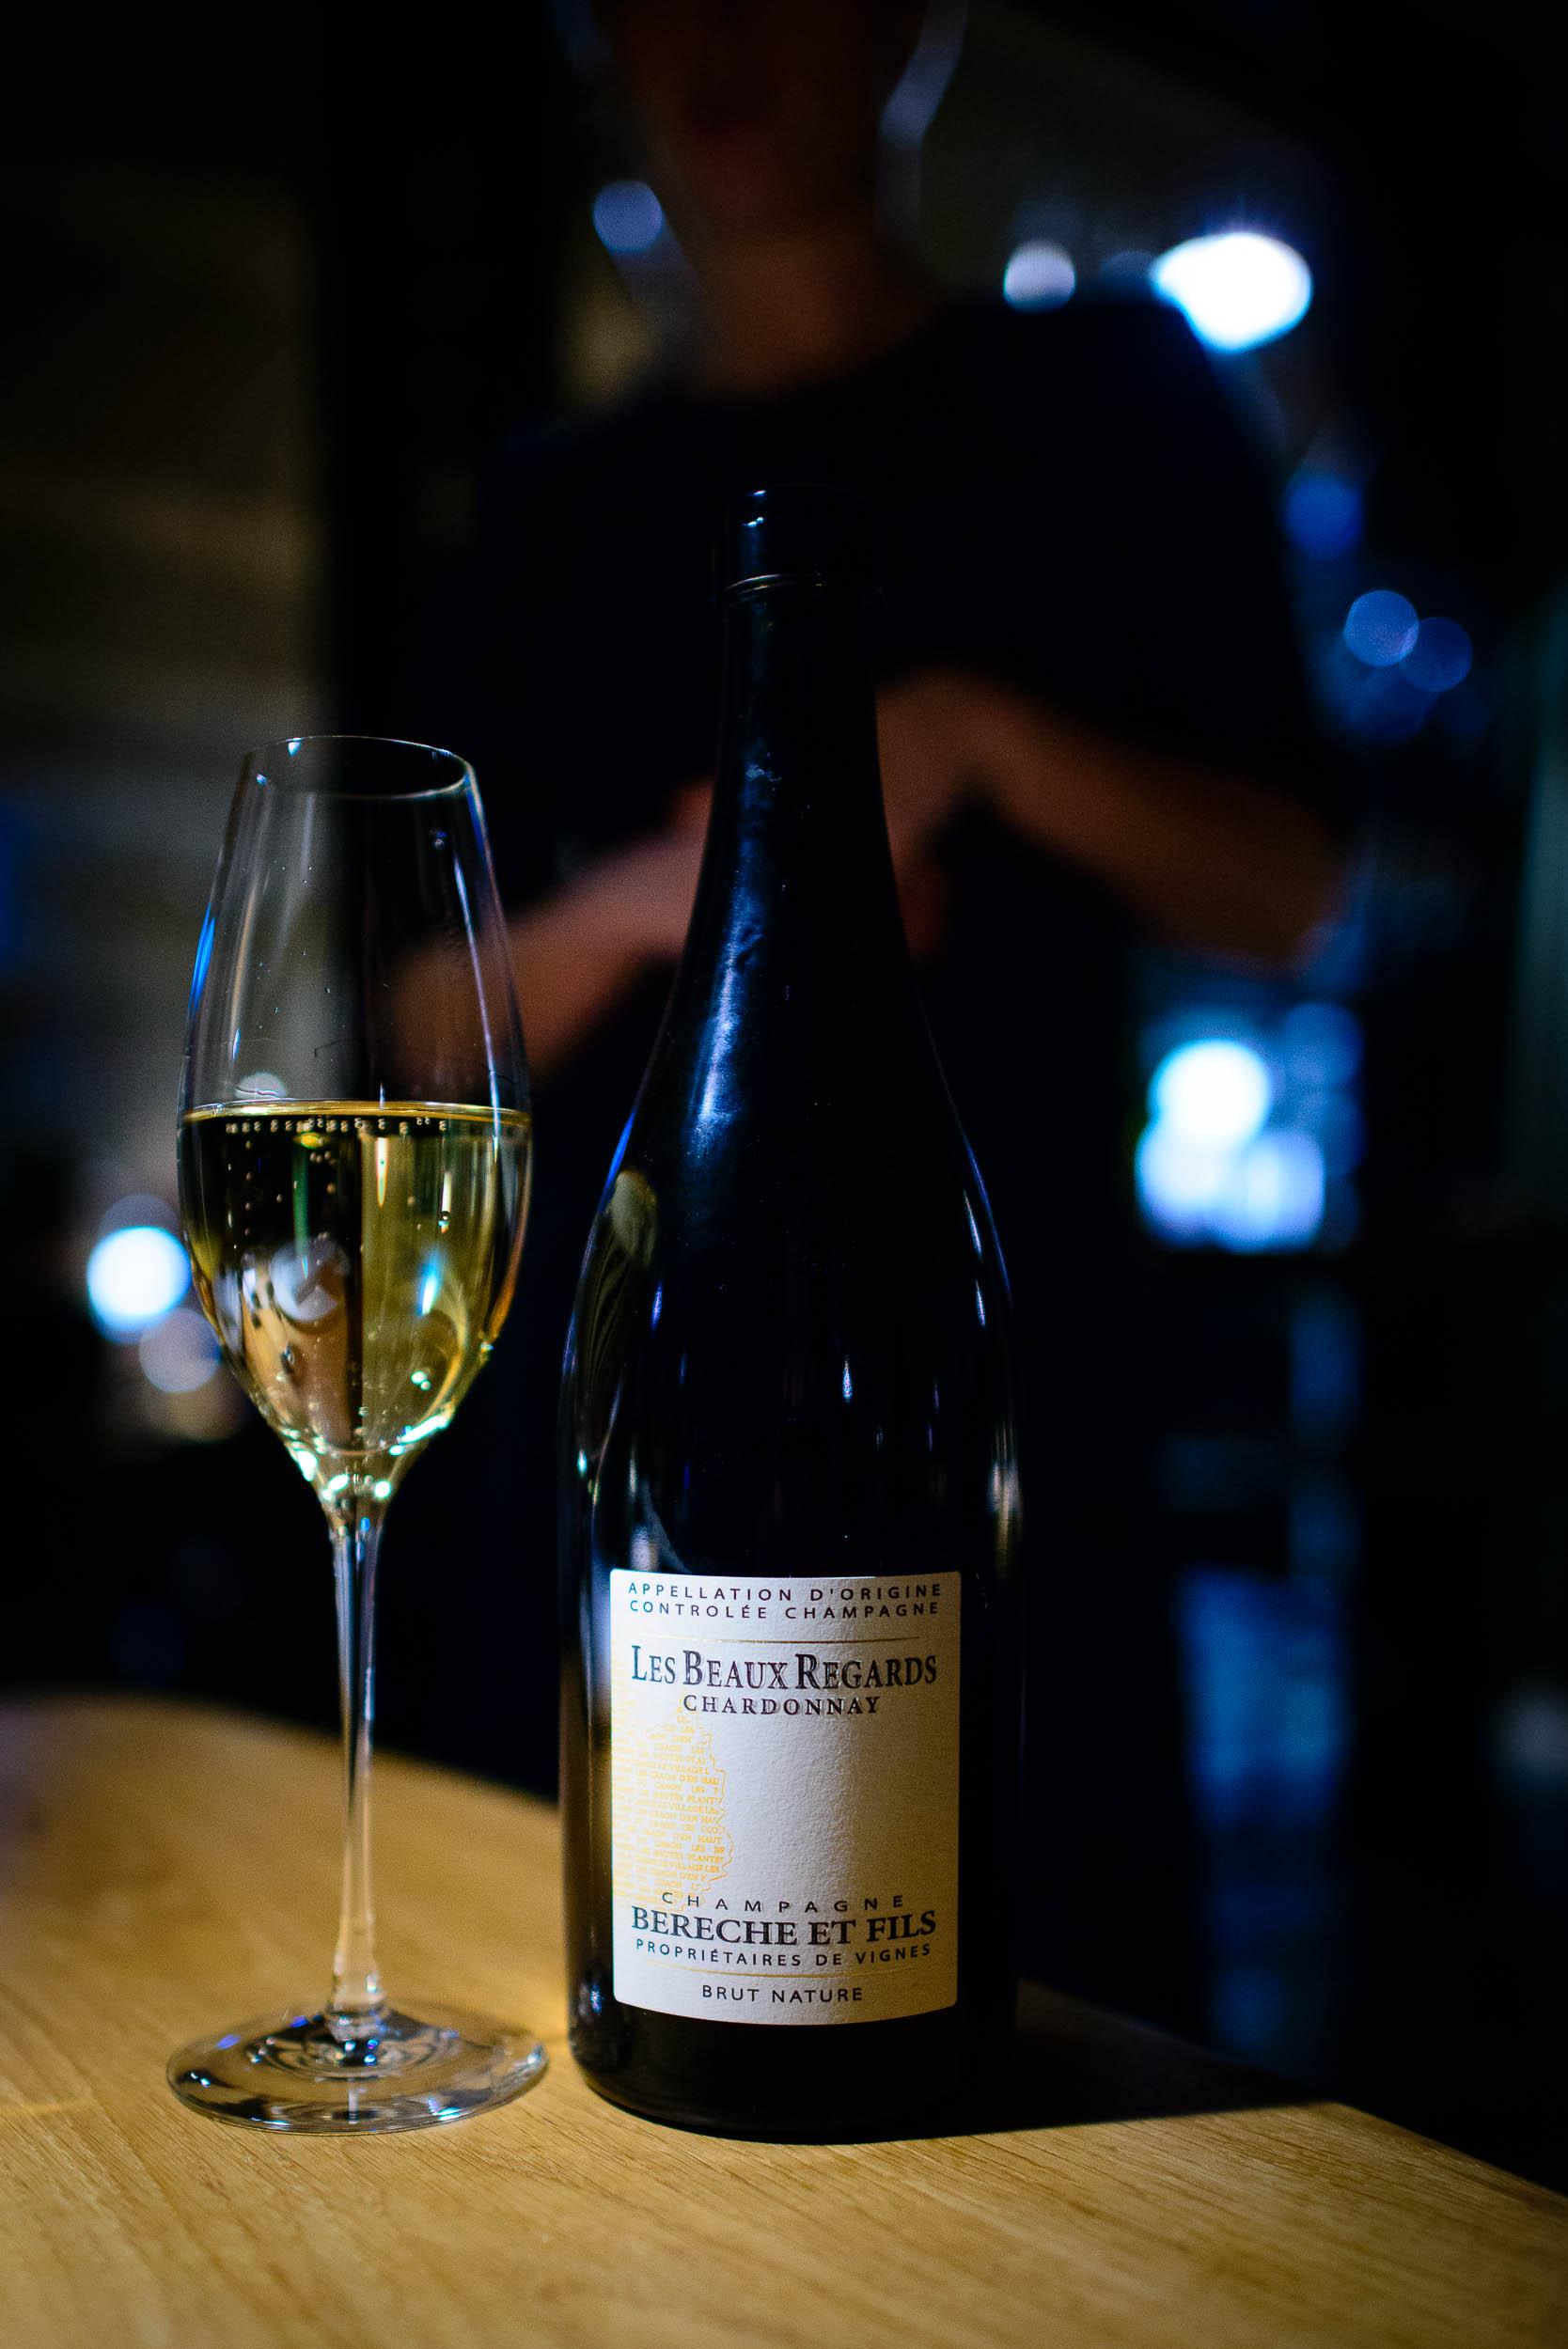 Les Beaux Regards Chardonnay